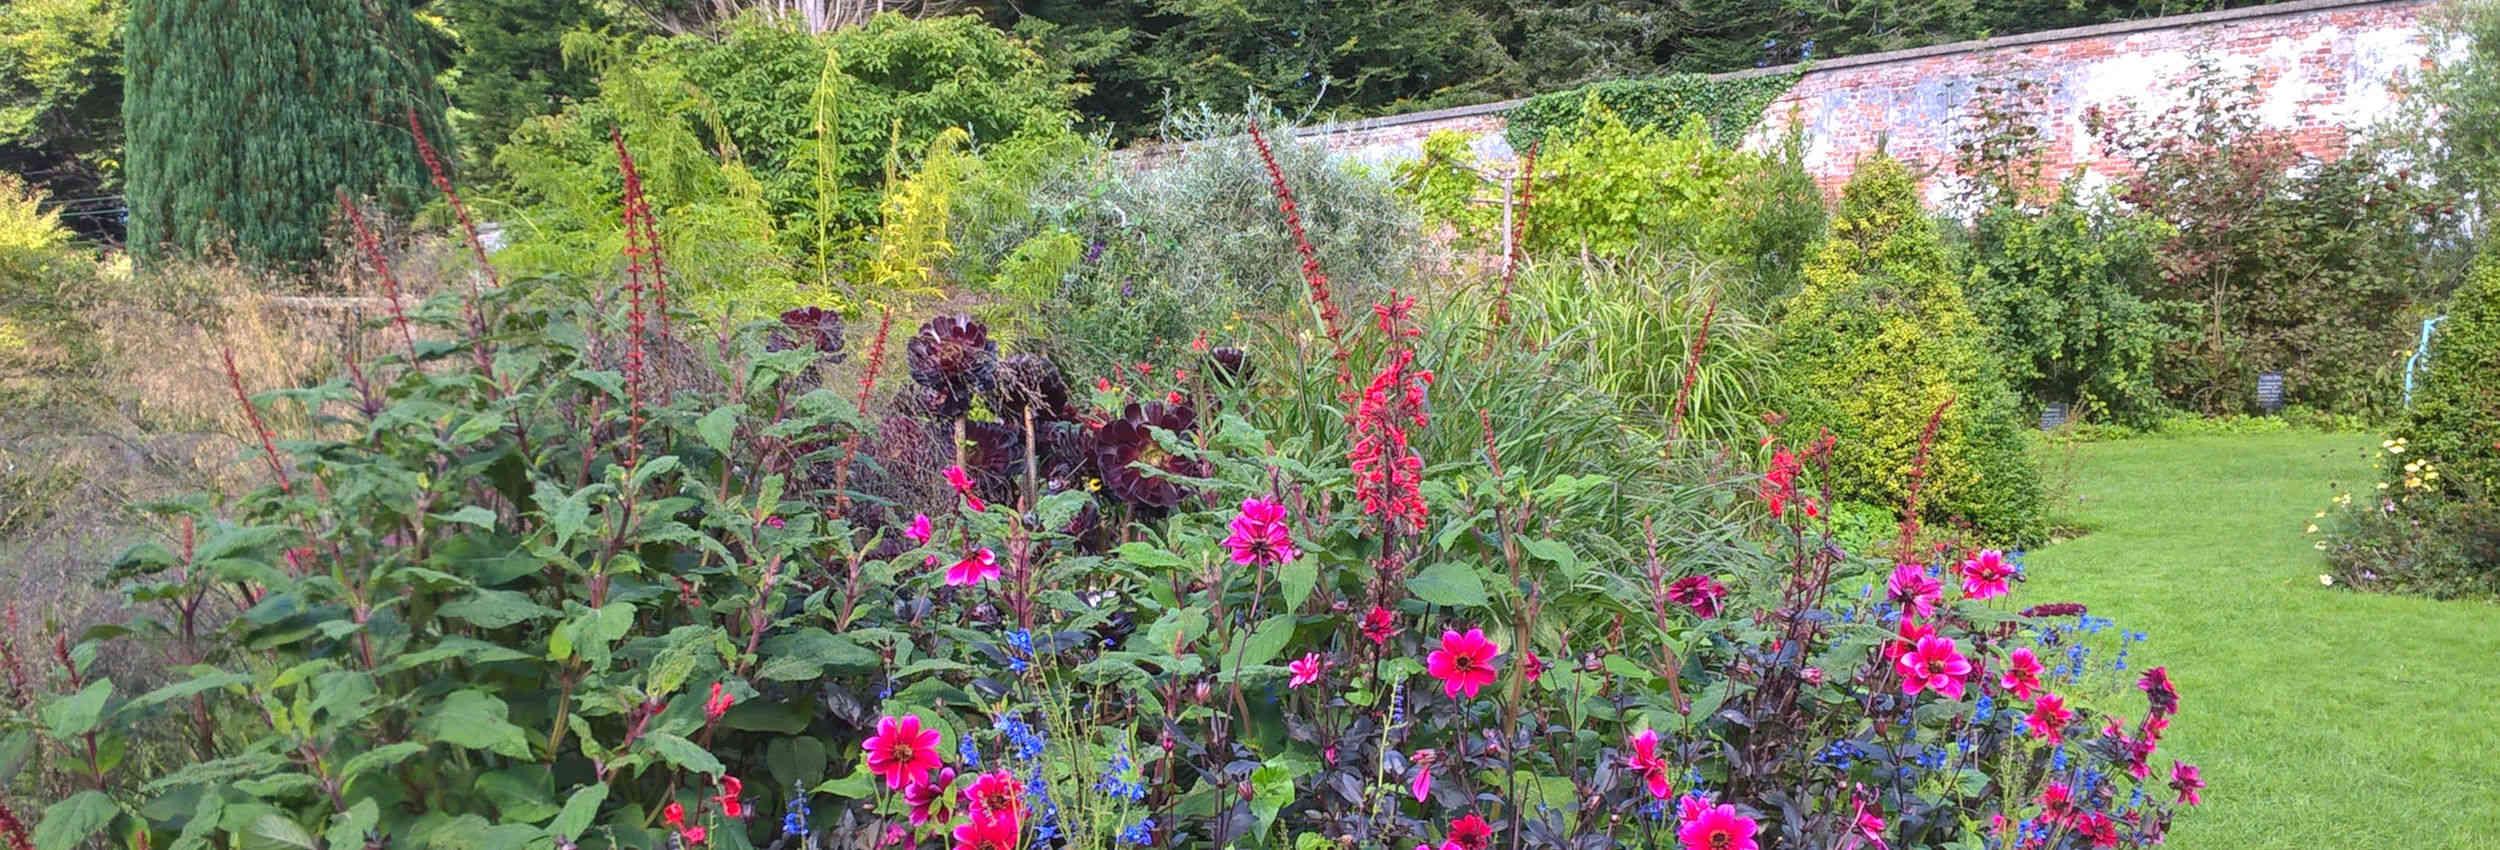 walled-garden-banner-06